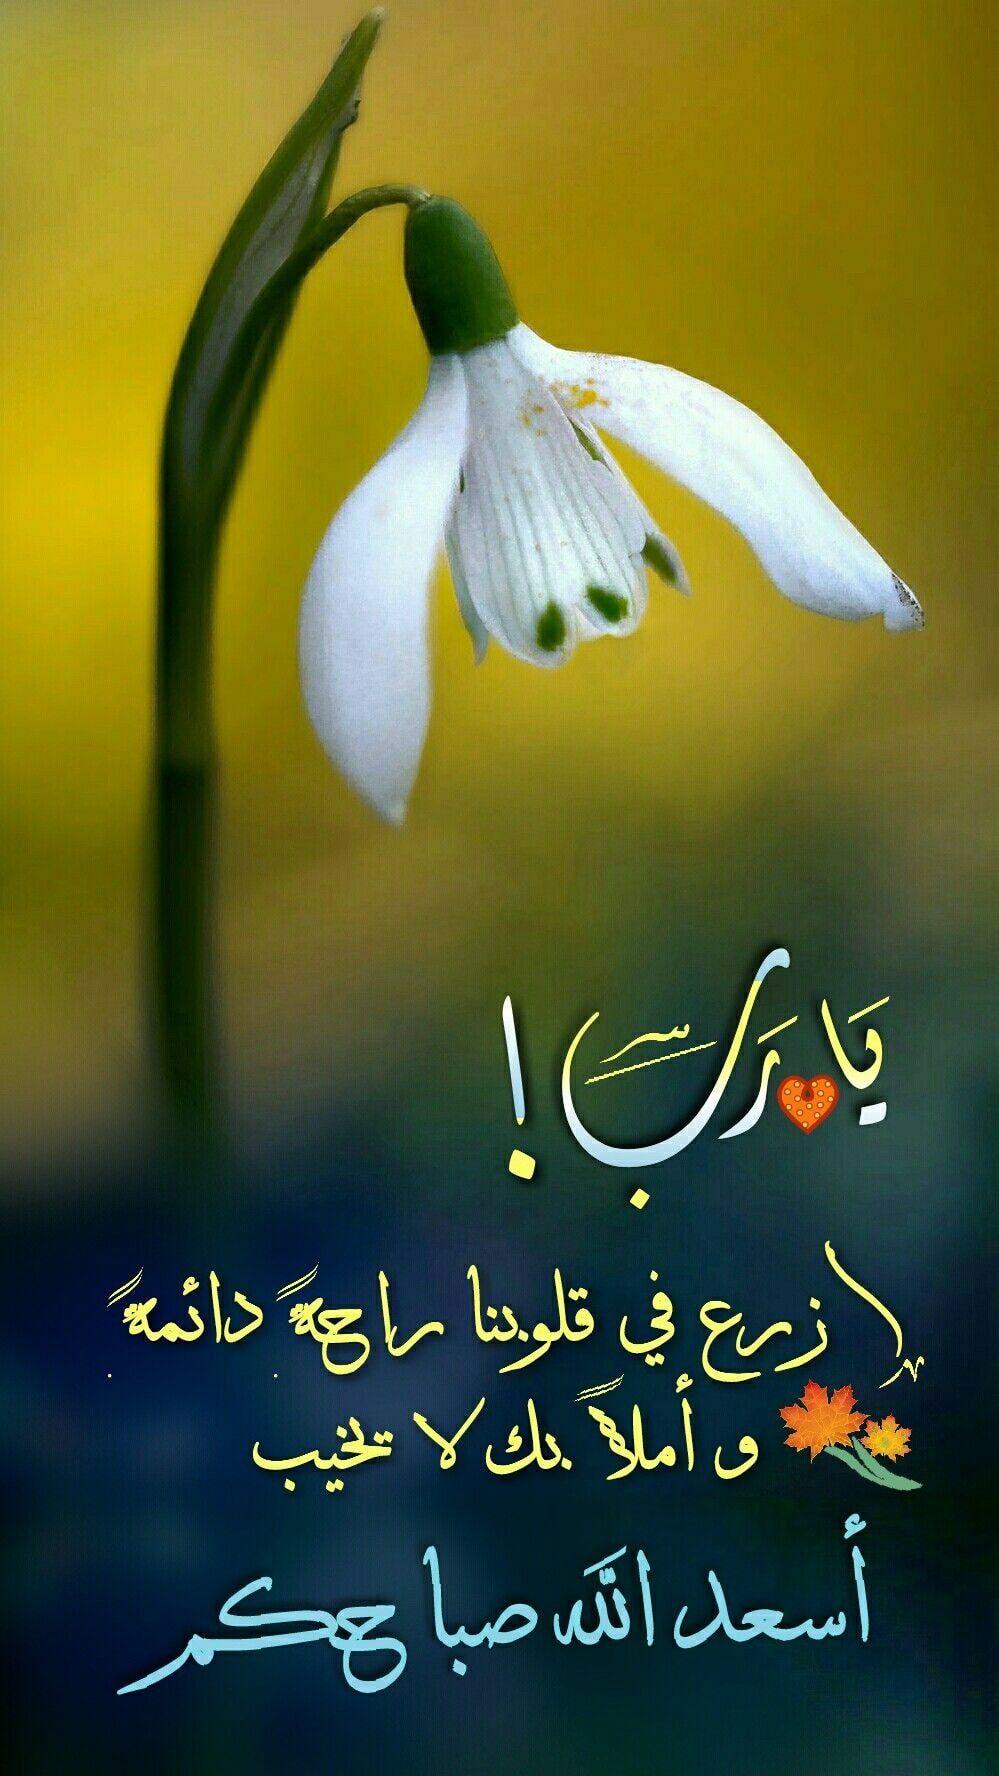 اسعد الله صباحكم بكل خير وجمعة مباركة